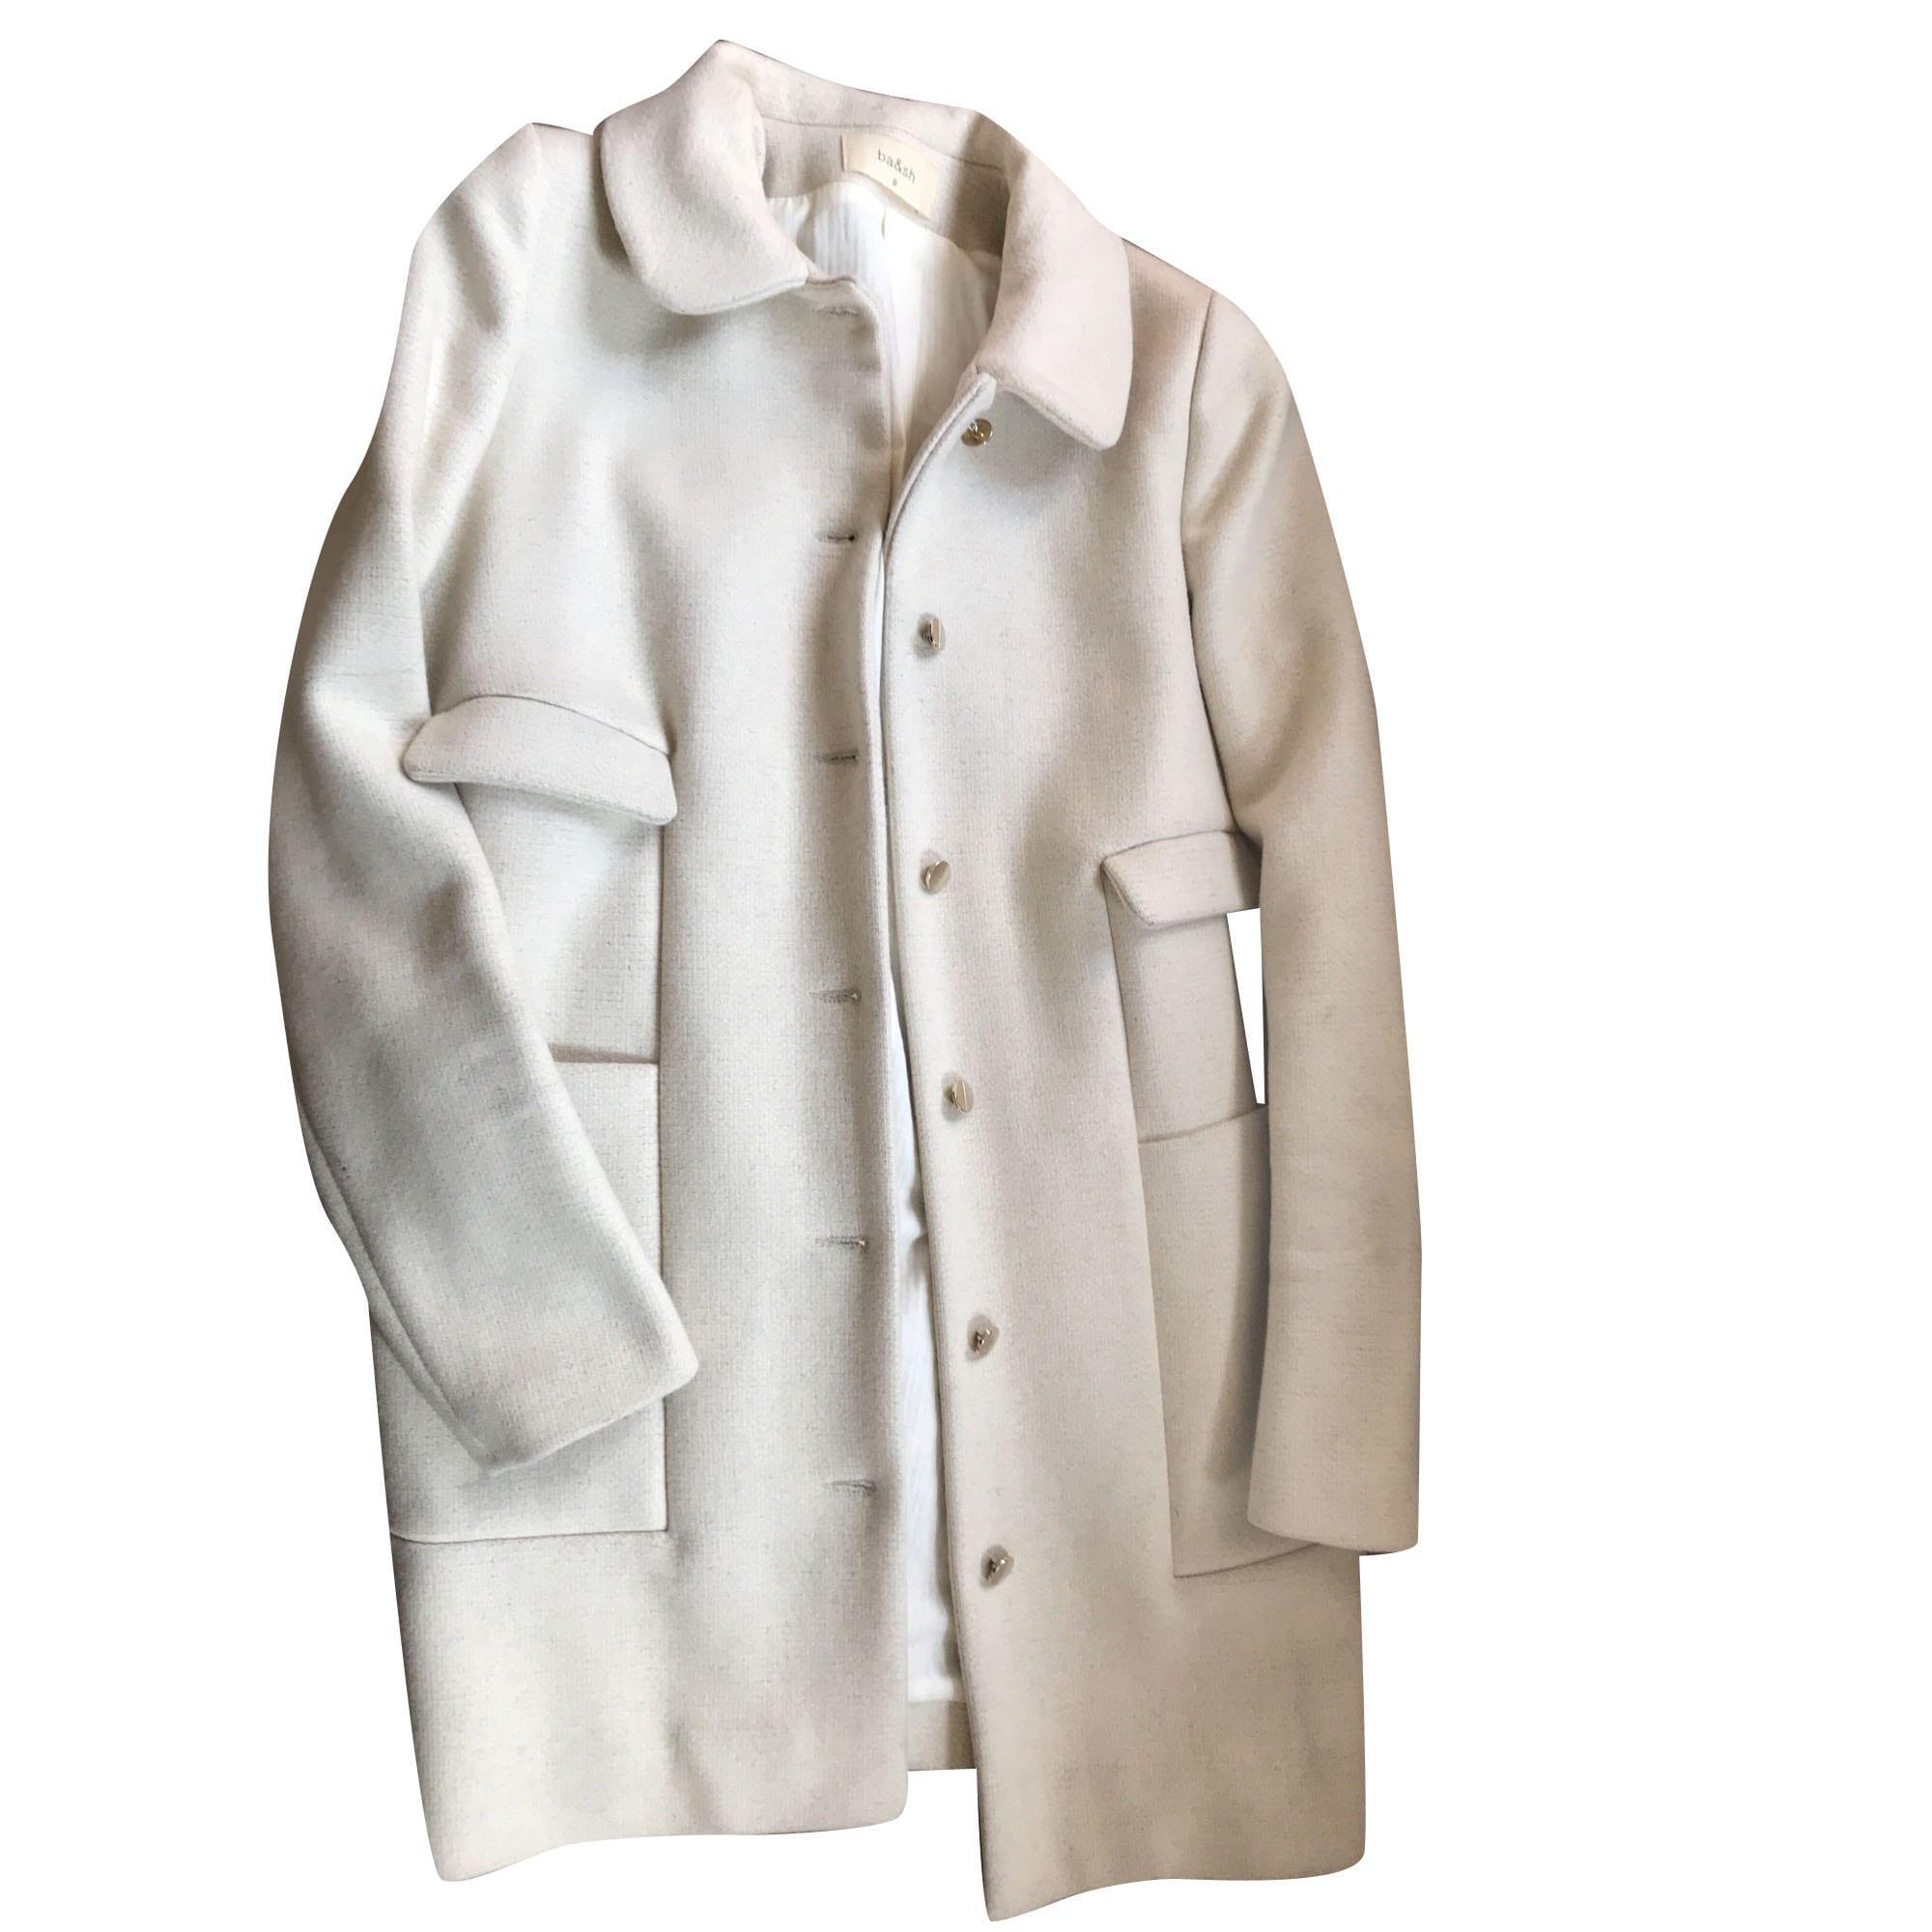 Manteau BA SH 34 (XS, T0) blanc vendu par D anne-sophie 21129260 ... 5353b3ecb20